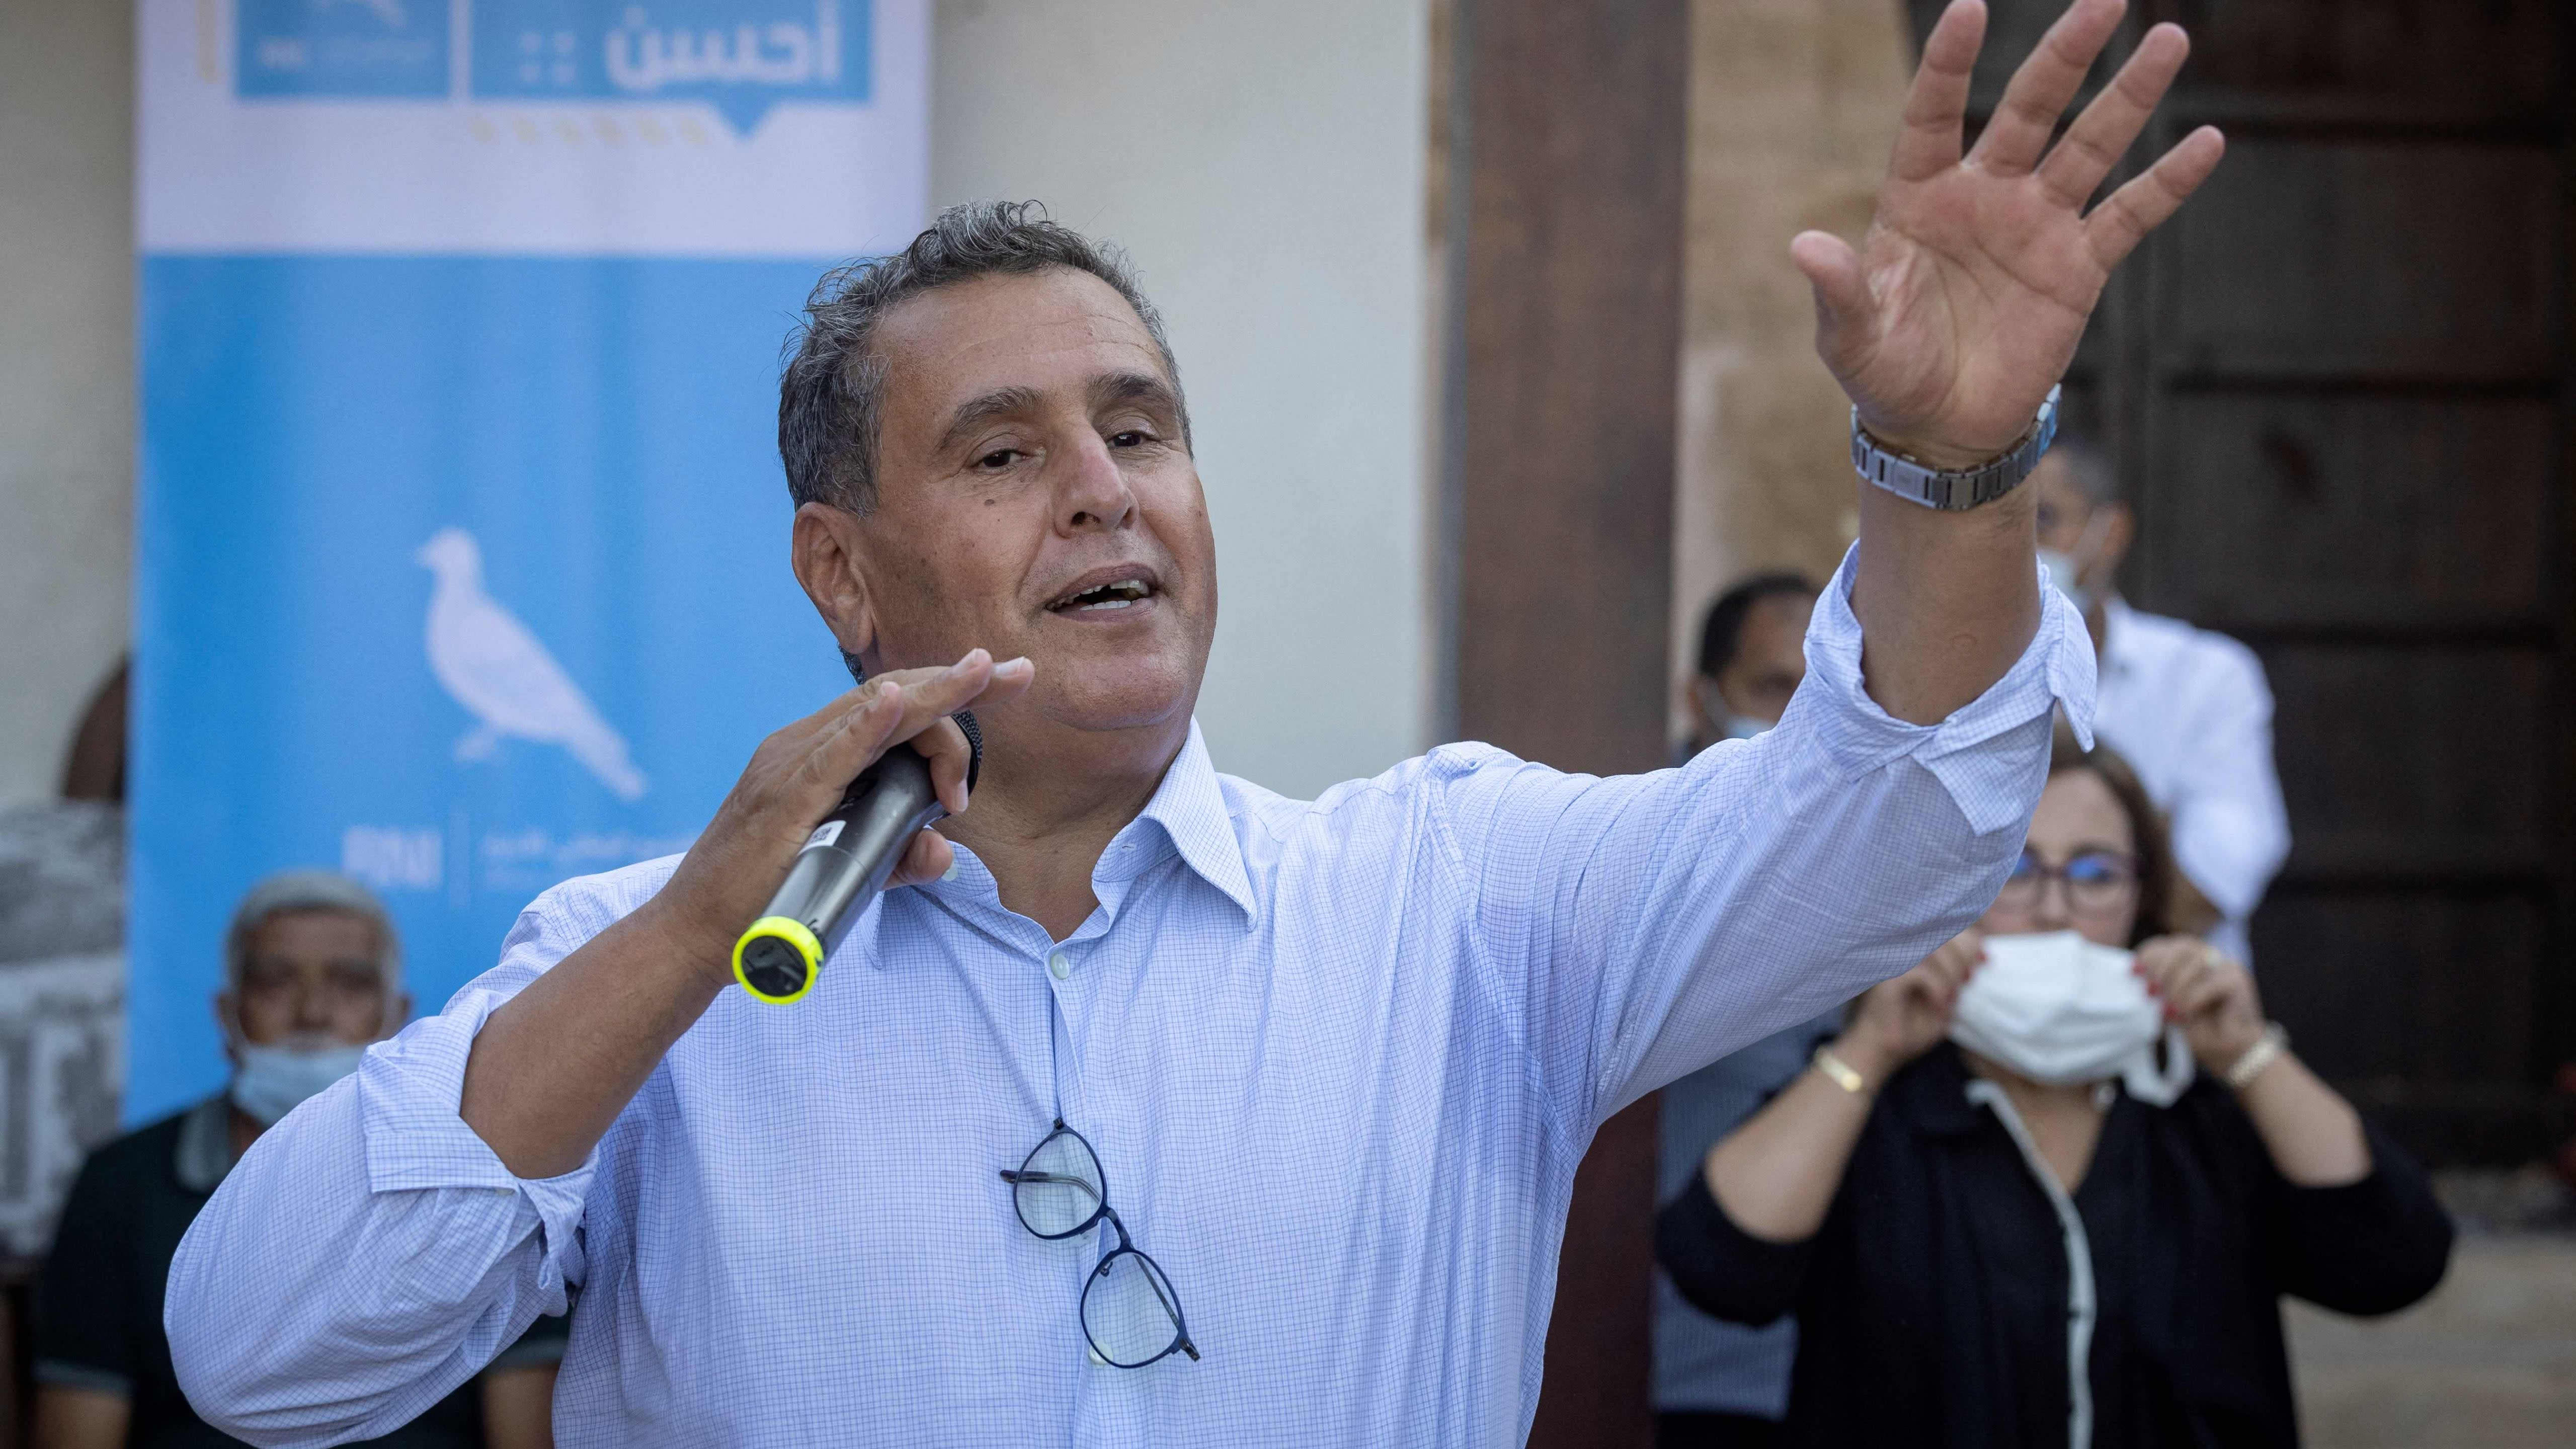 Marokkolainen poliitikko puhuu mikrofoniin, taustalla ihmisiä.